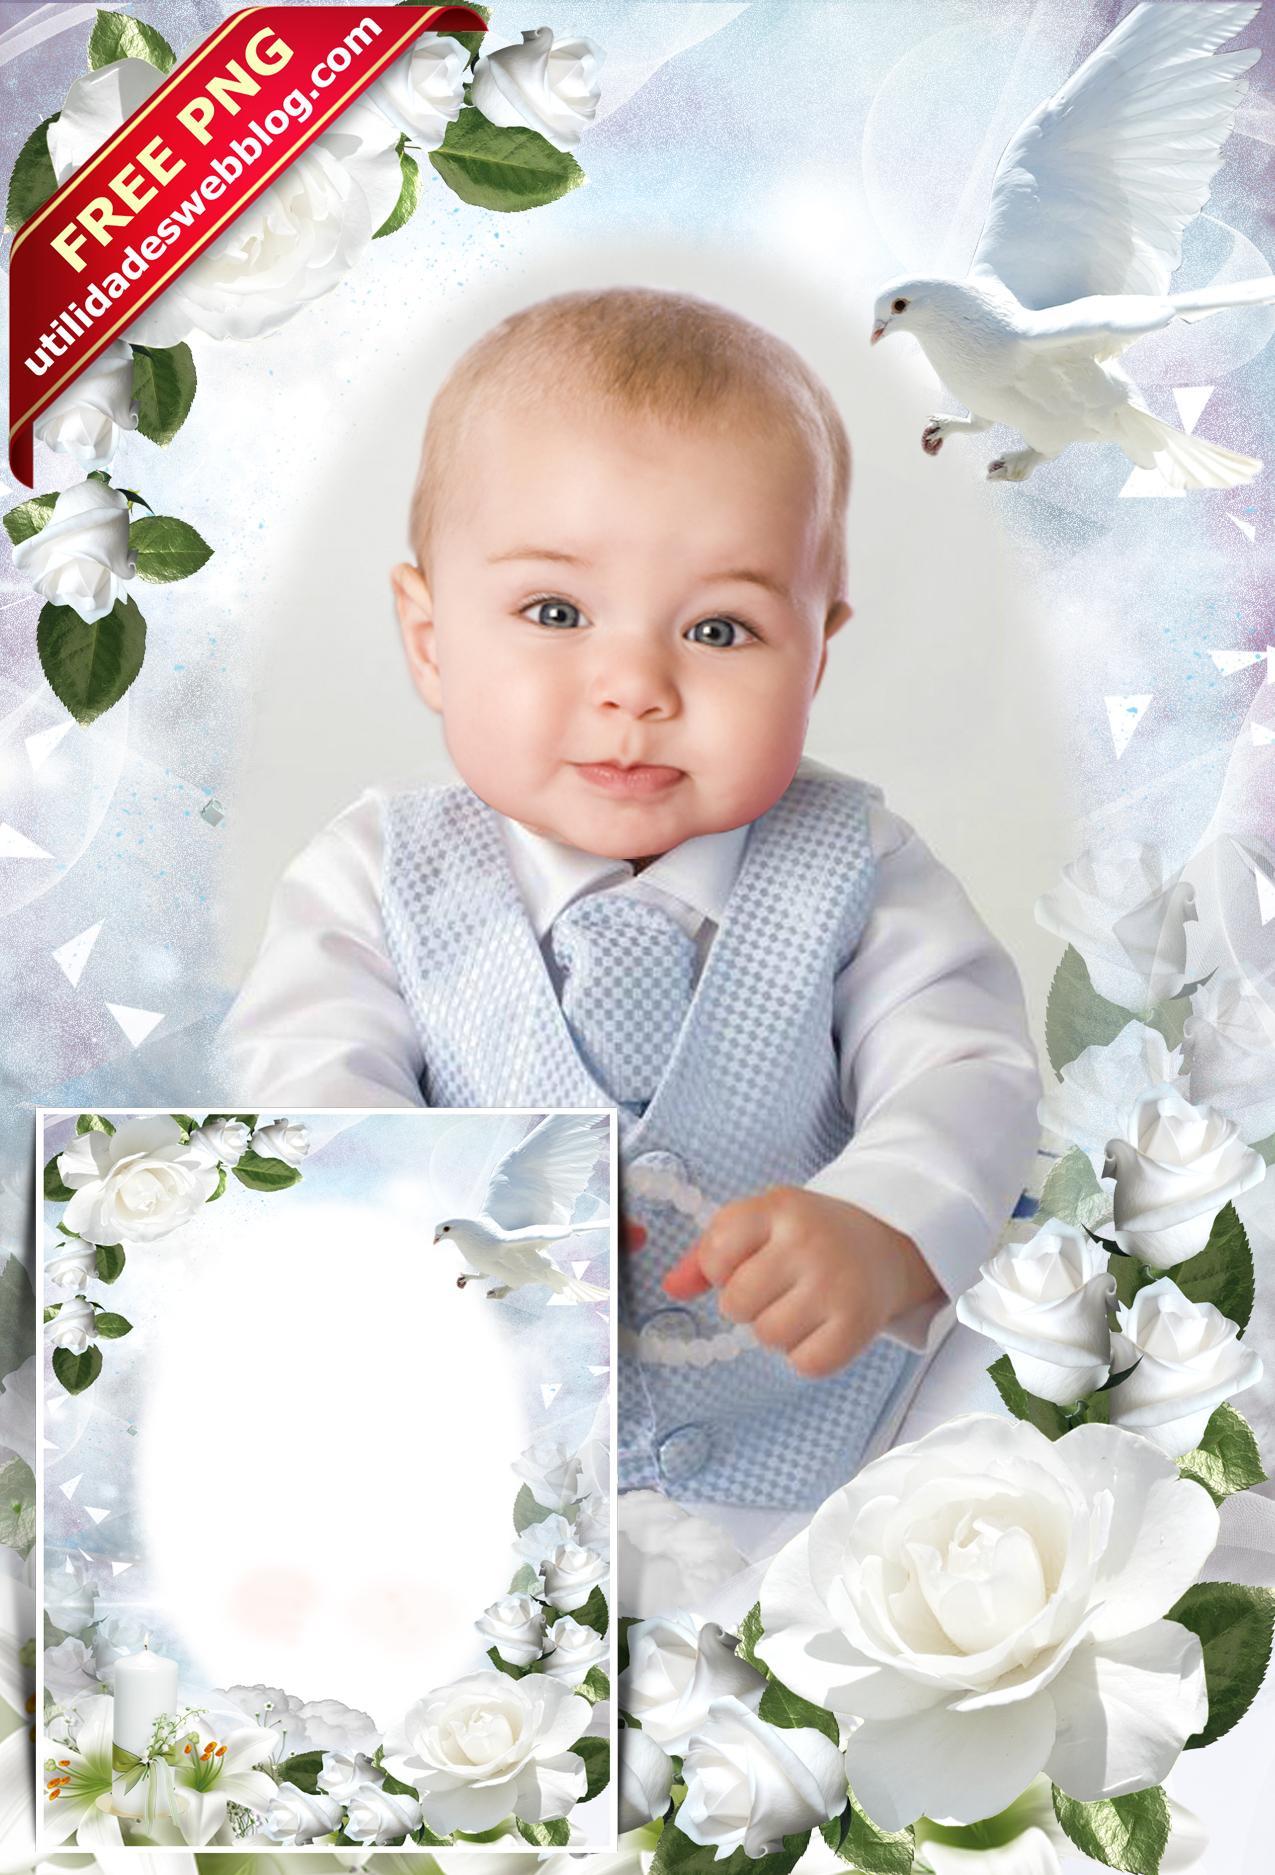 Free catholic christening photoframe